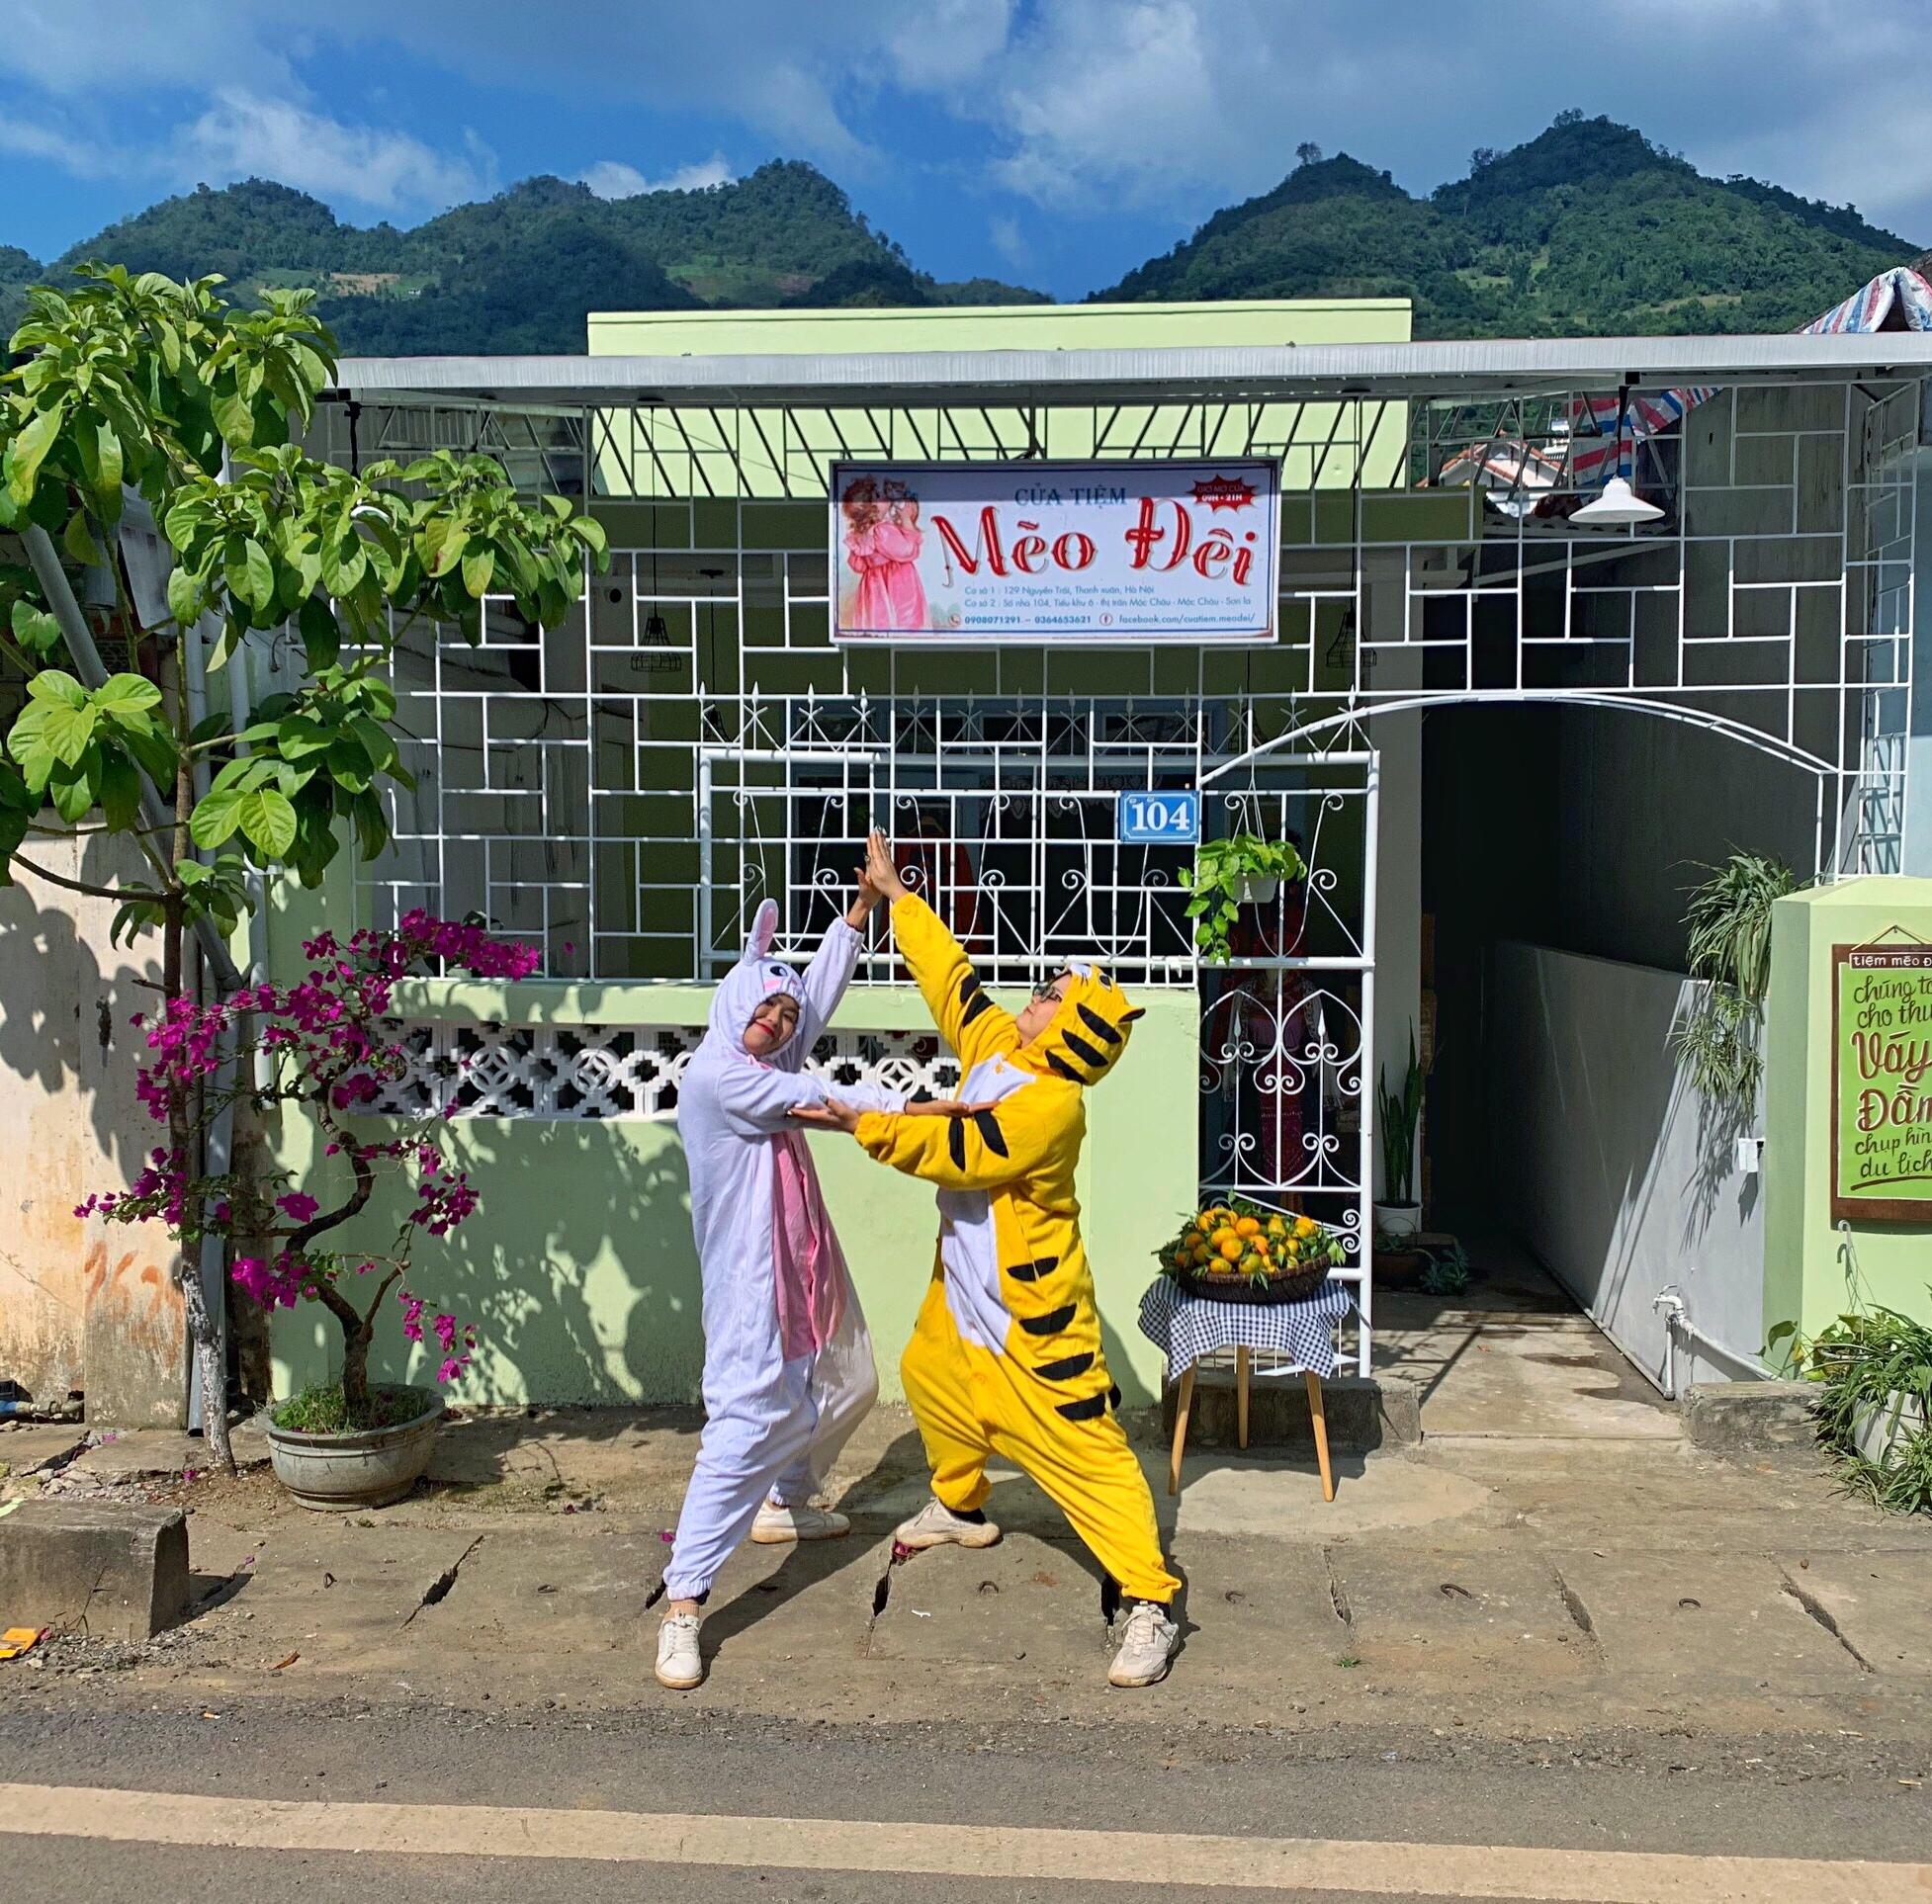 Cửa tiệm Mèo Đêi cho thuê các trang phục đẹp và độc tại Mộc Châu